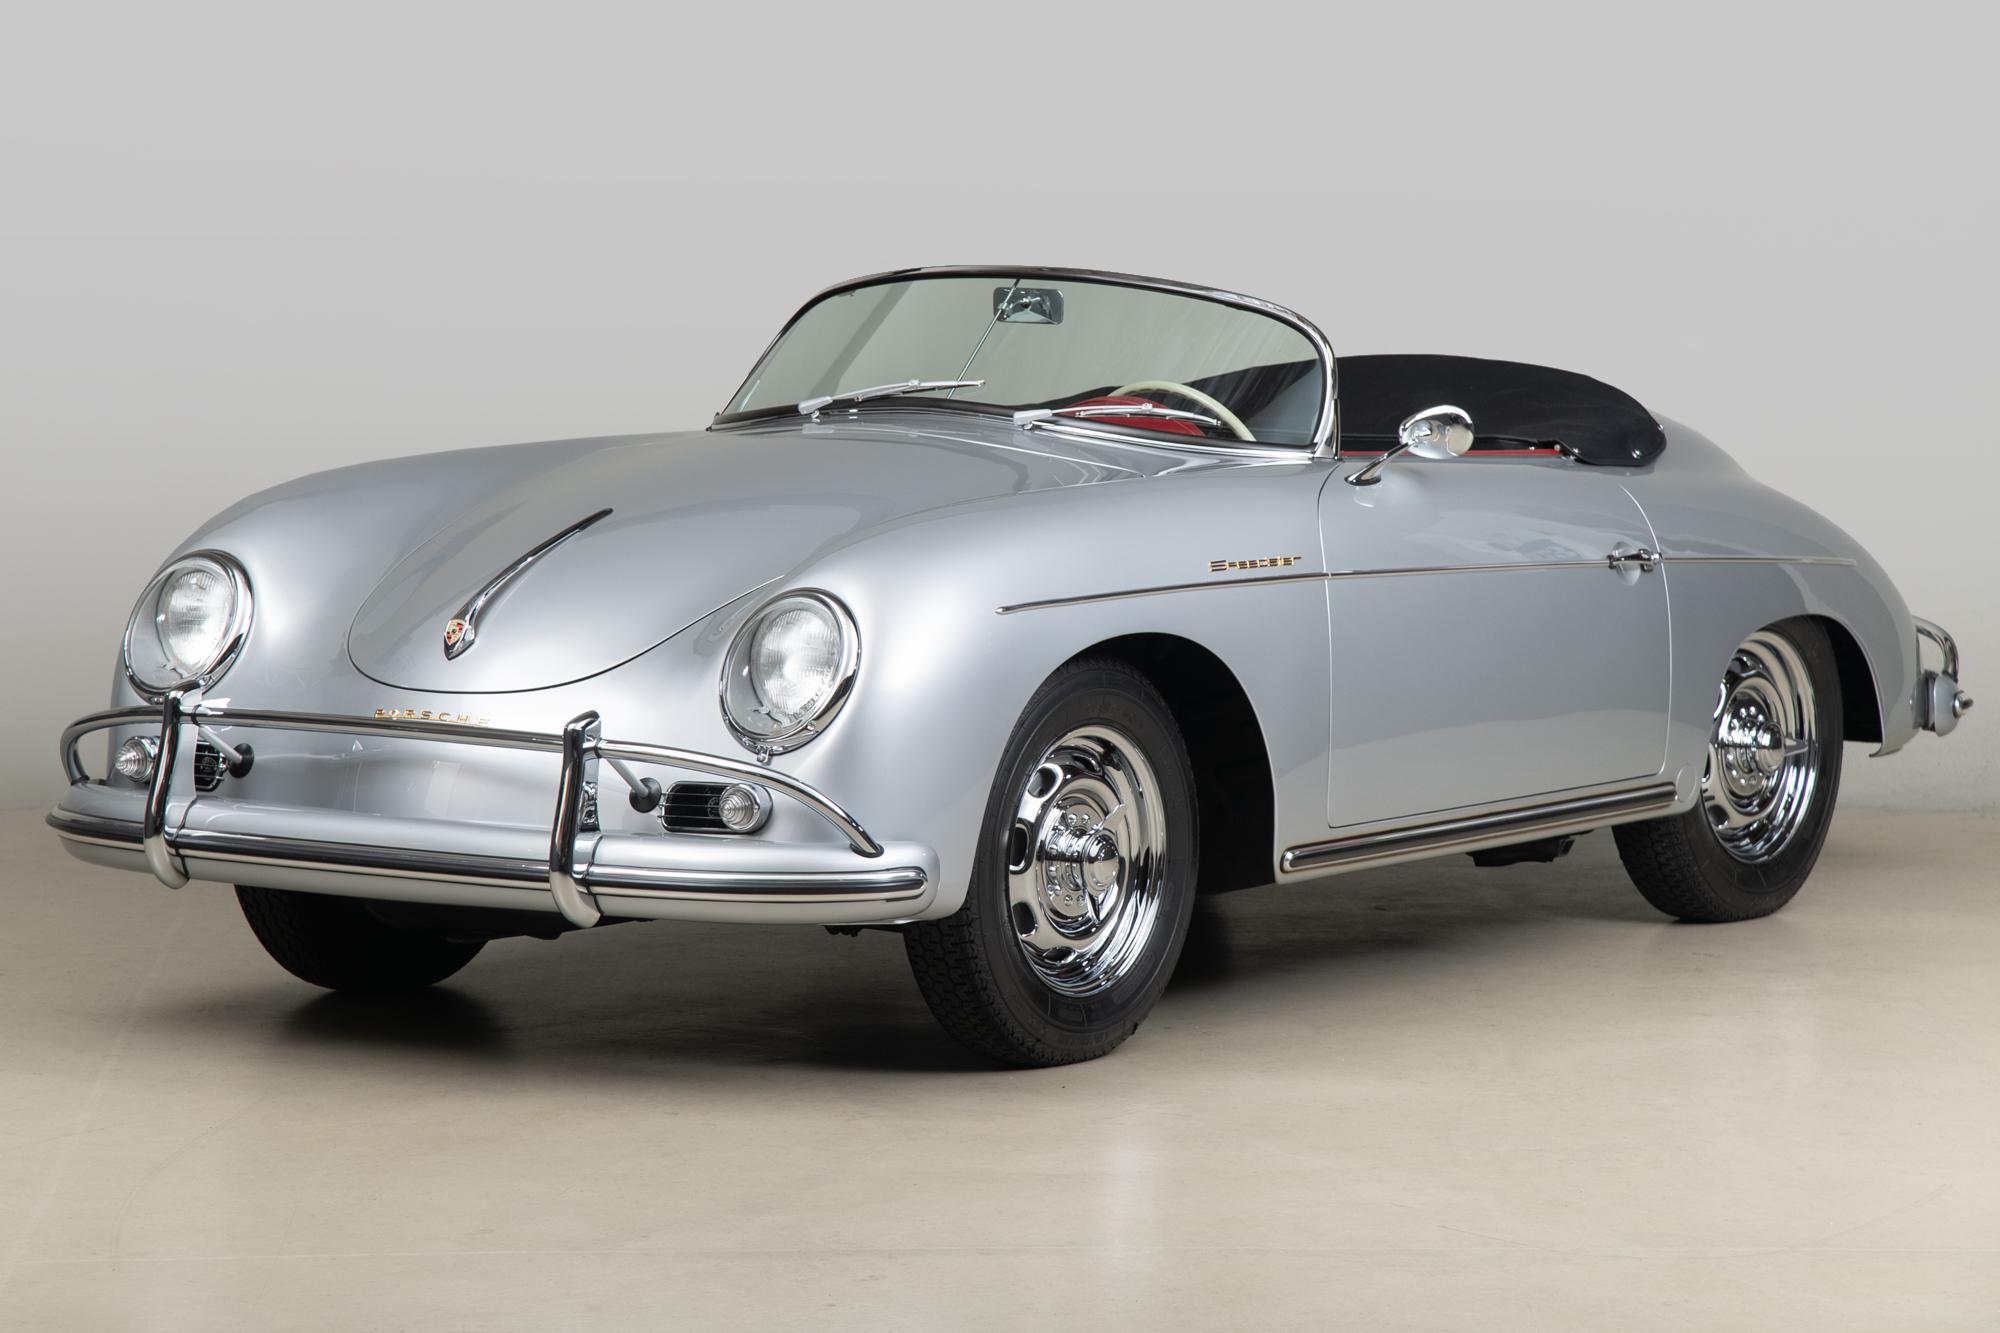 1958 Porsche 356 Speedster , SILVER, VIN 84219, MILEAGE 98291